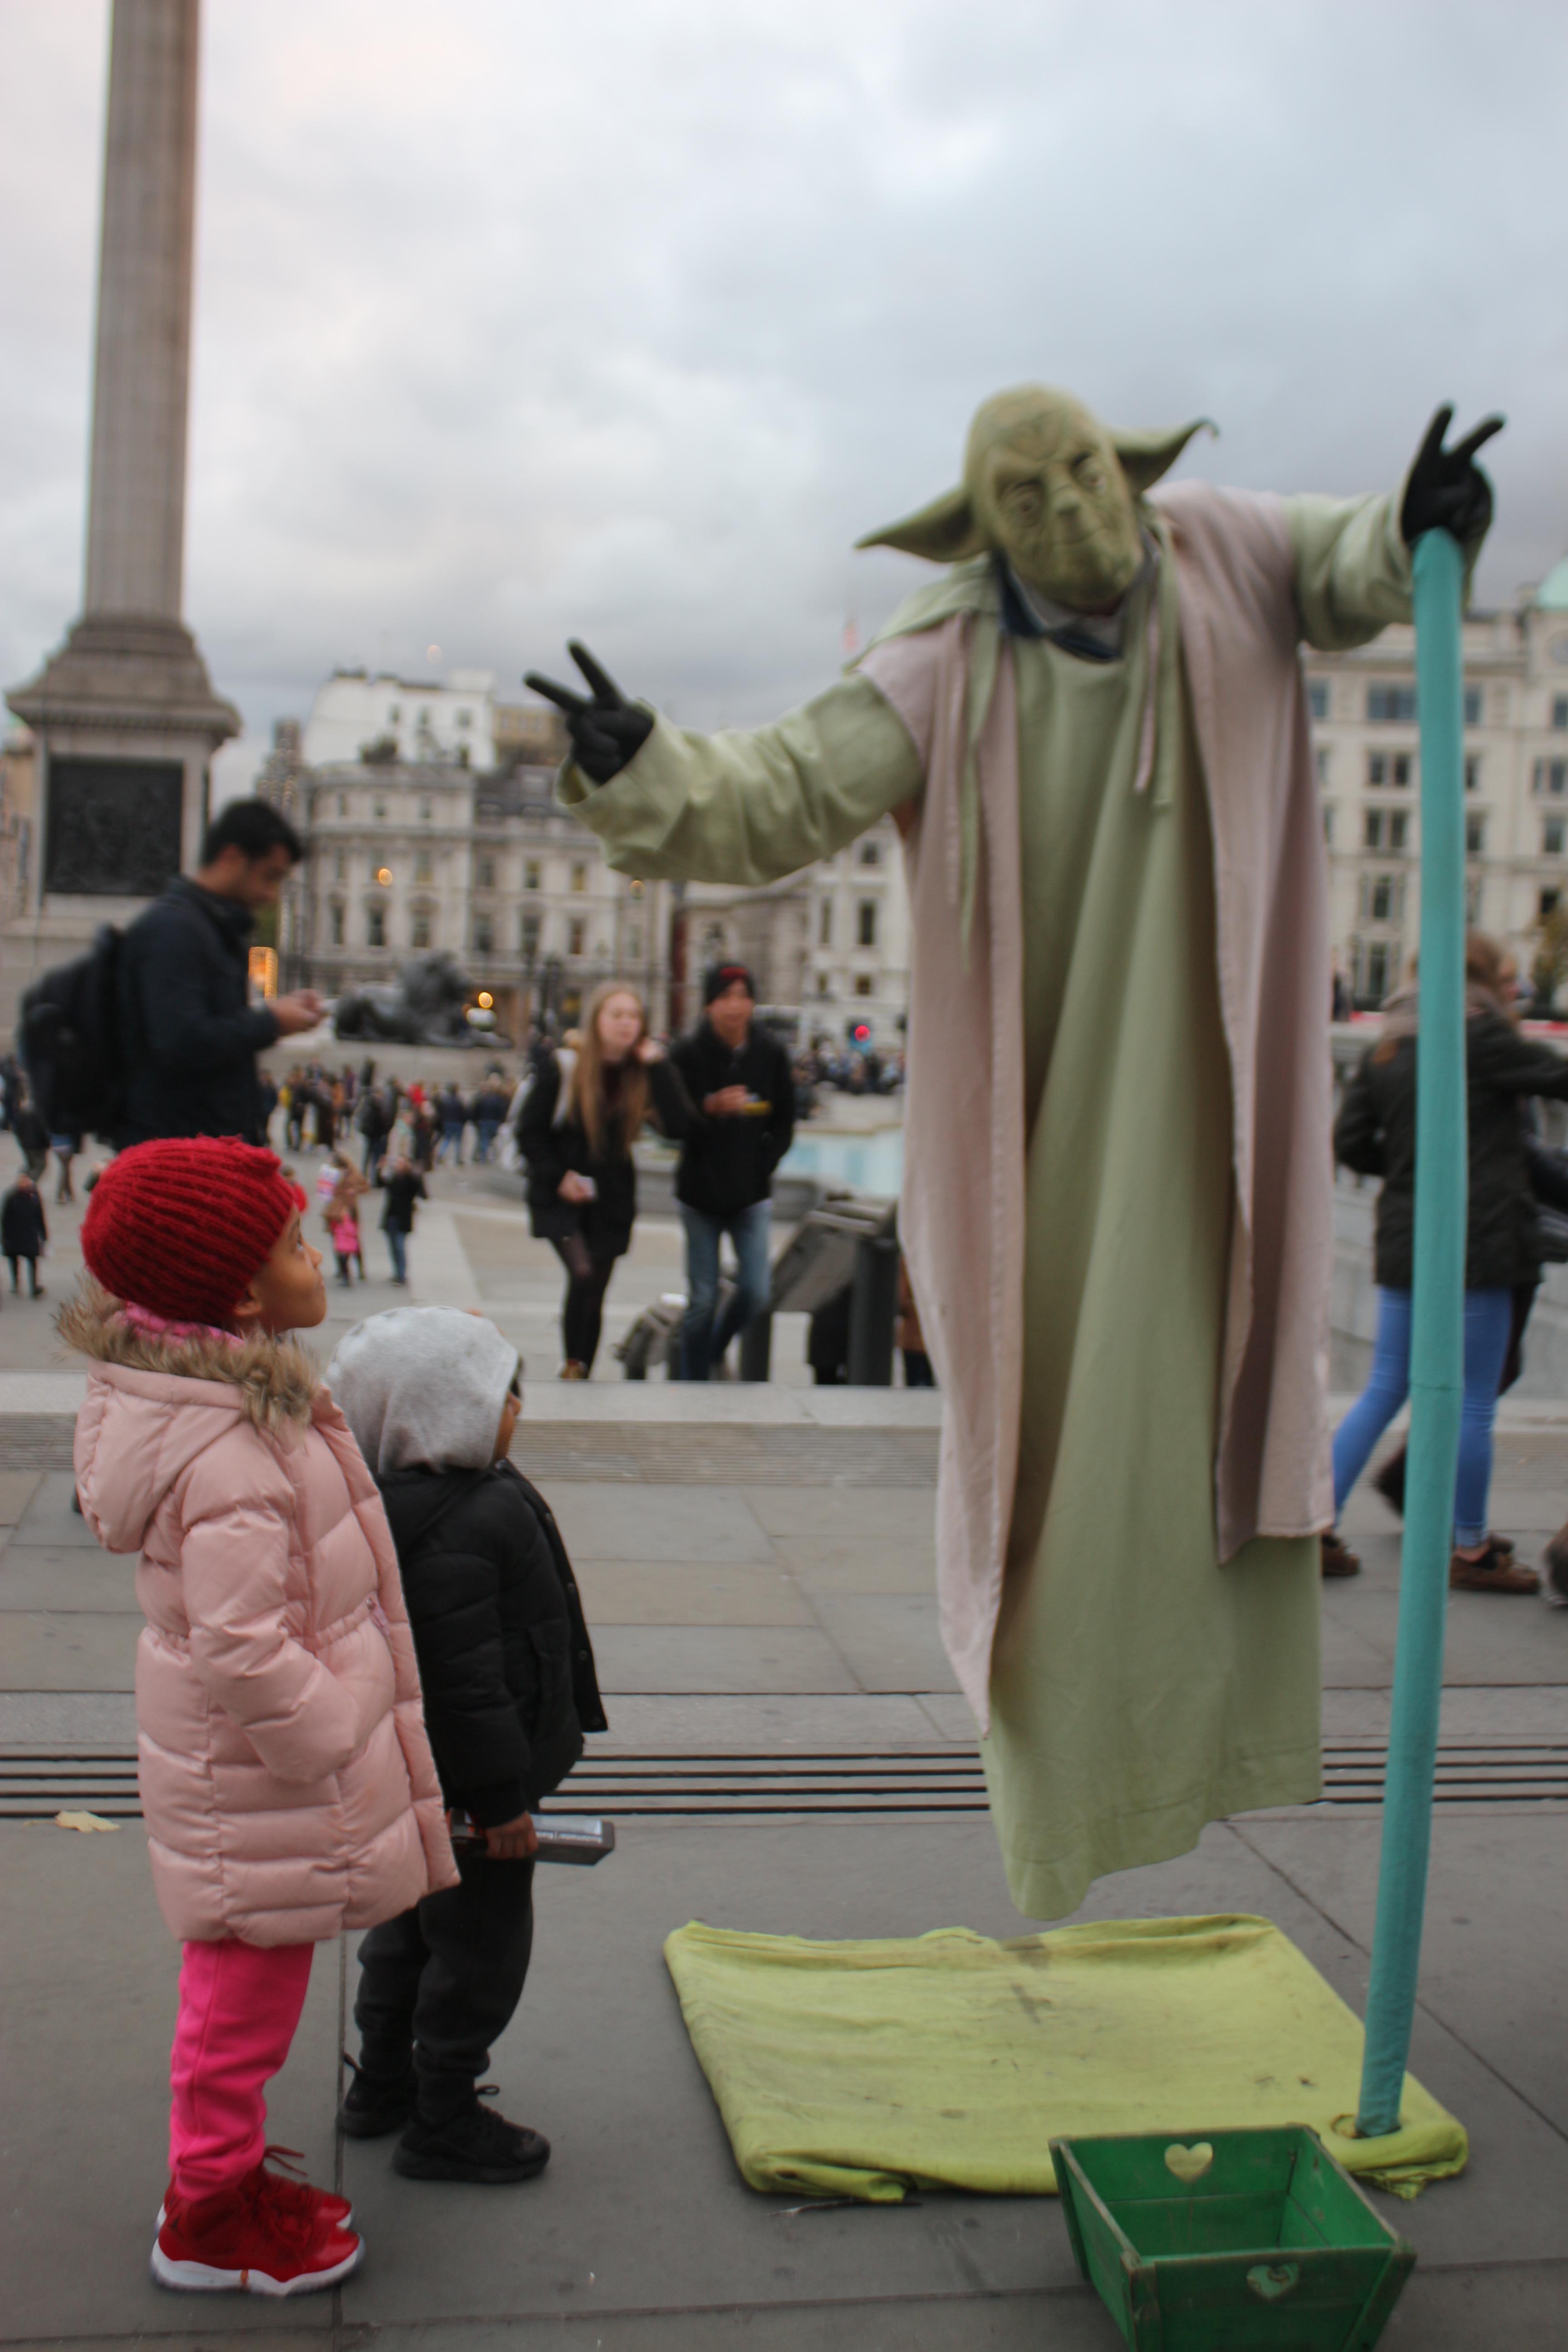 Kids in Trafalgar Square